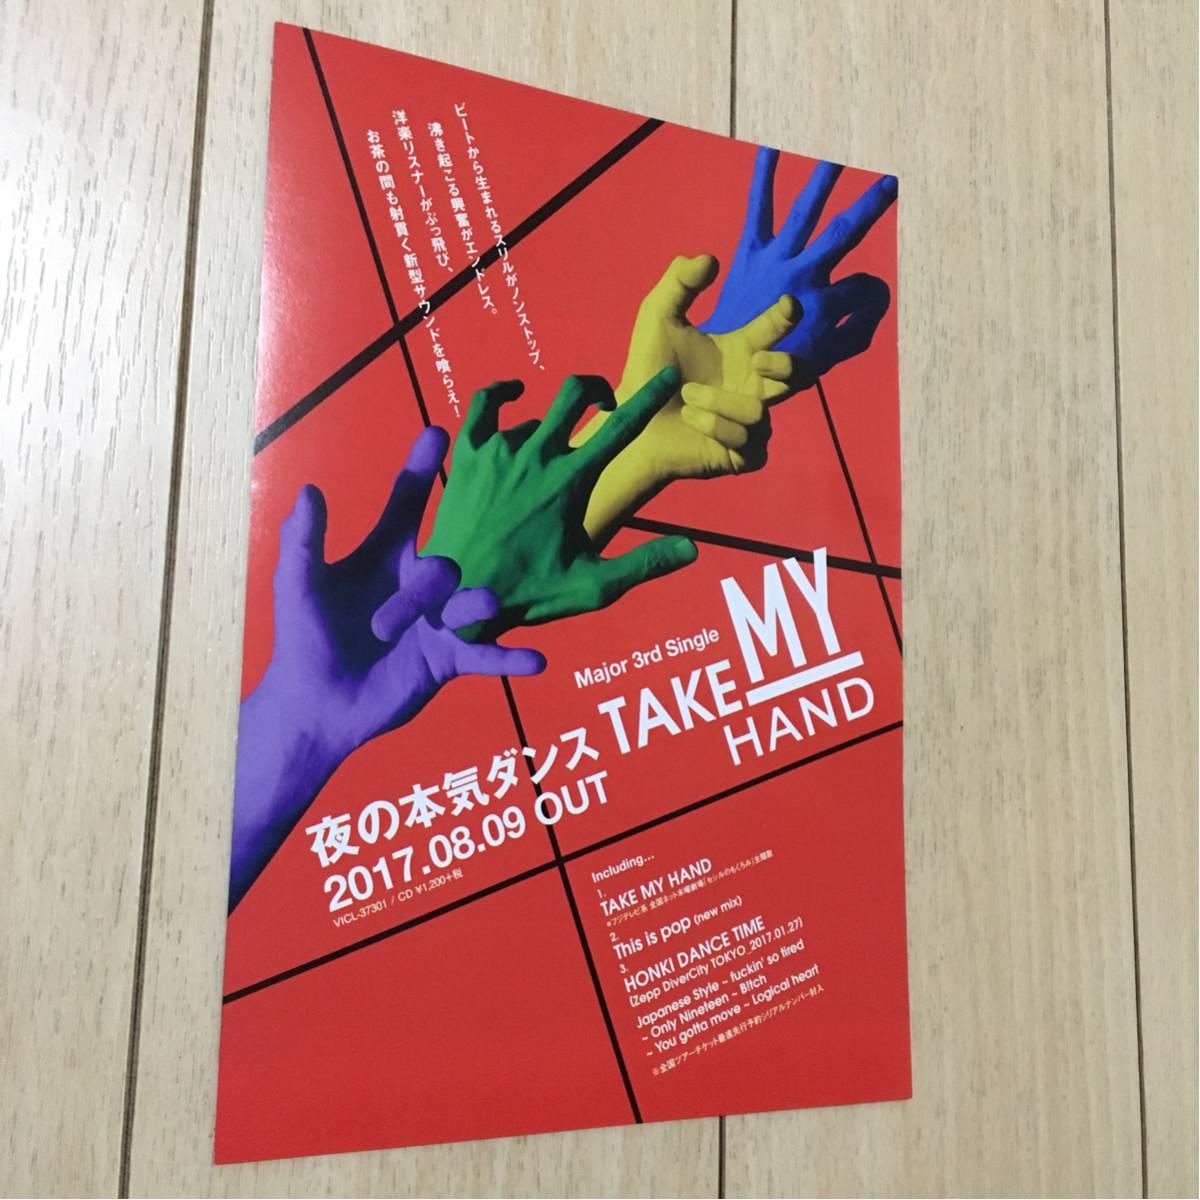 夜の本気ダンス take my hand 2017 発売 告知 チラシ メジャー シングル 3rd cd